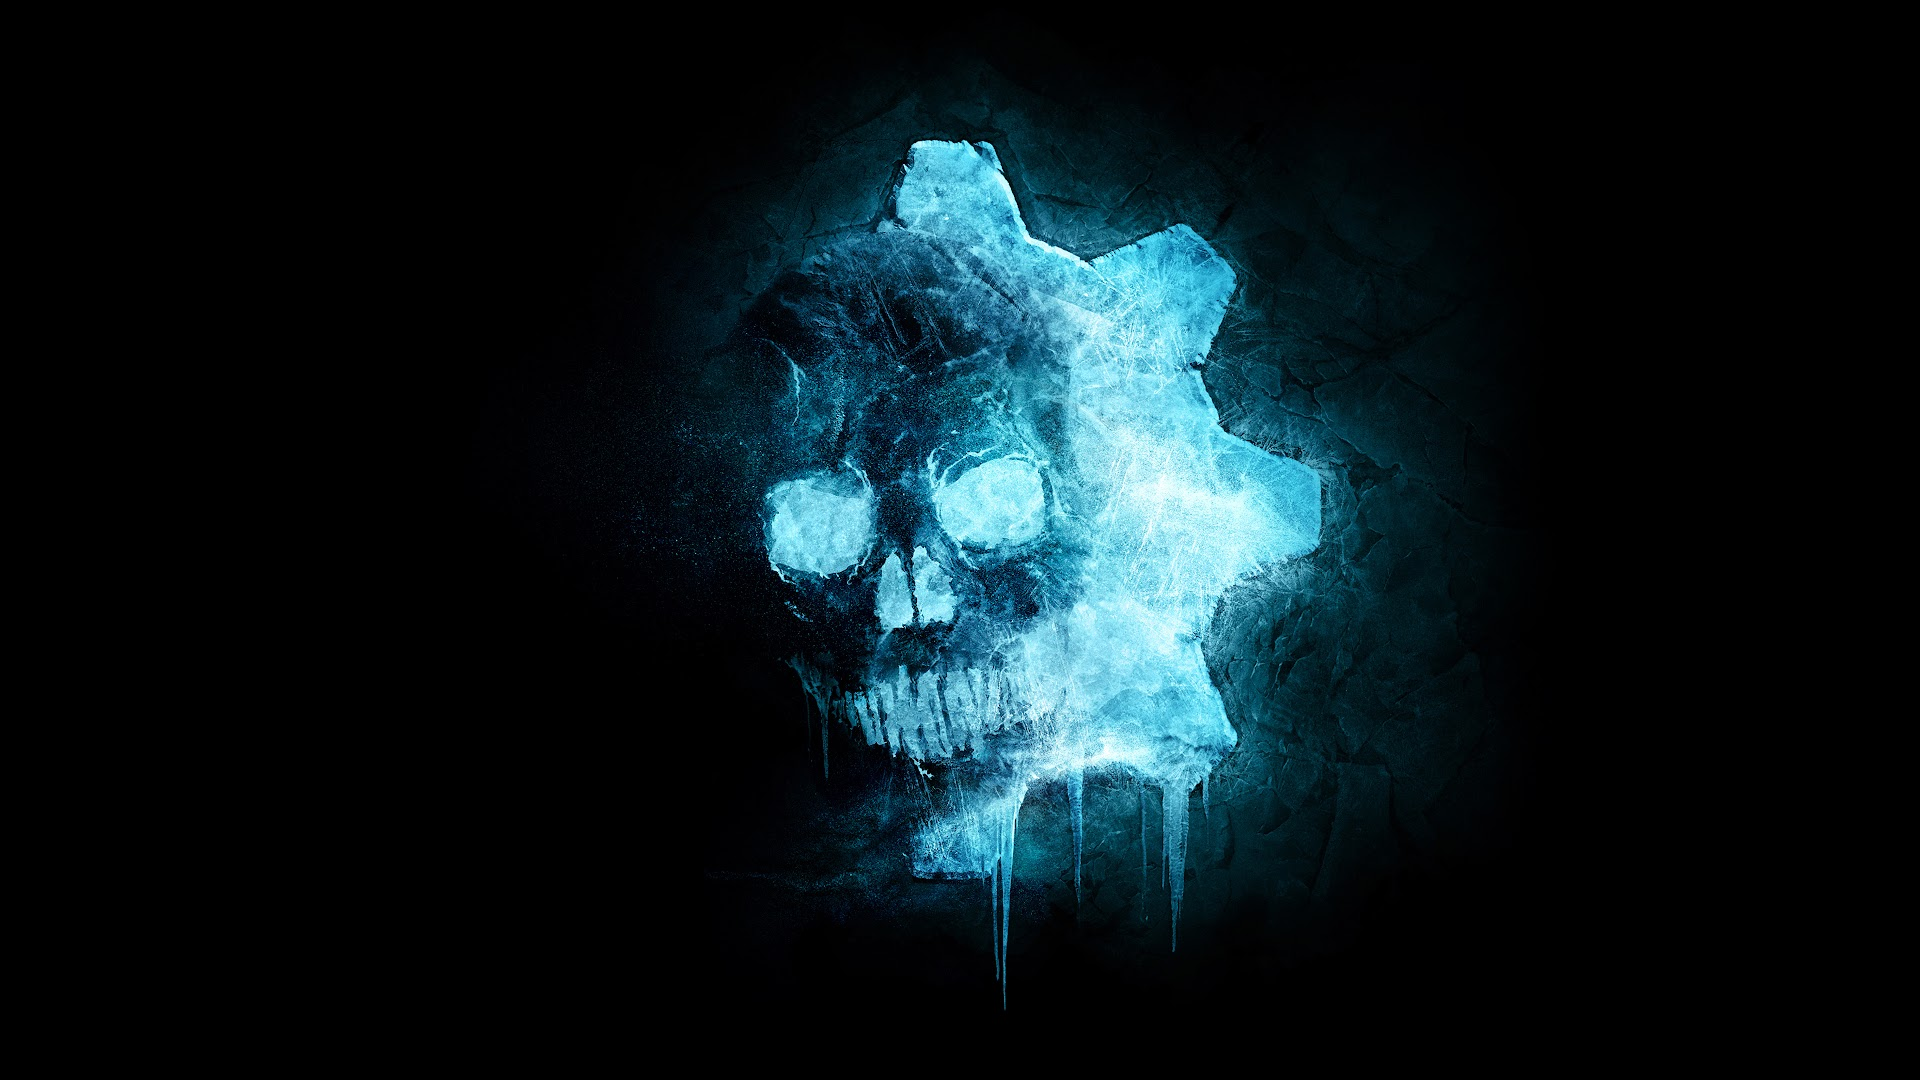 Gears 5 Skull Logo 4k Wallpaper 2